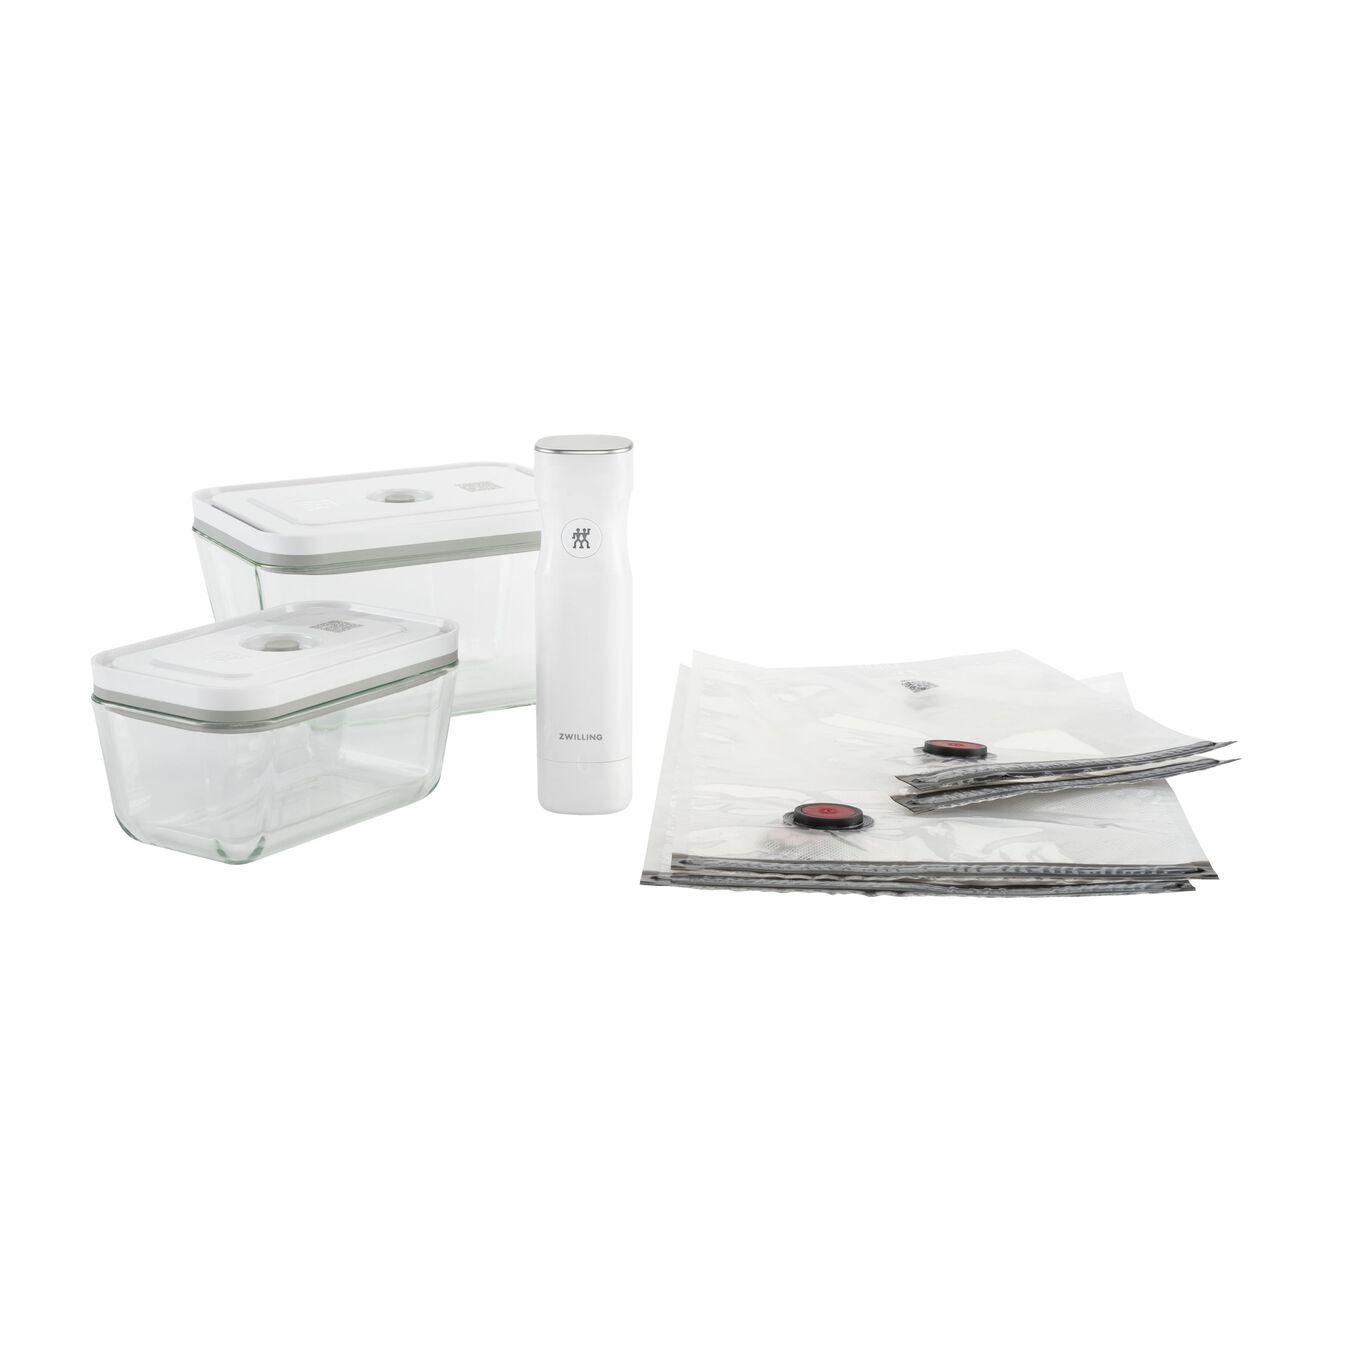 medium/large / 7-pc Vacuum starter set, Borosilicate glass ,,large 13